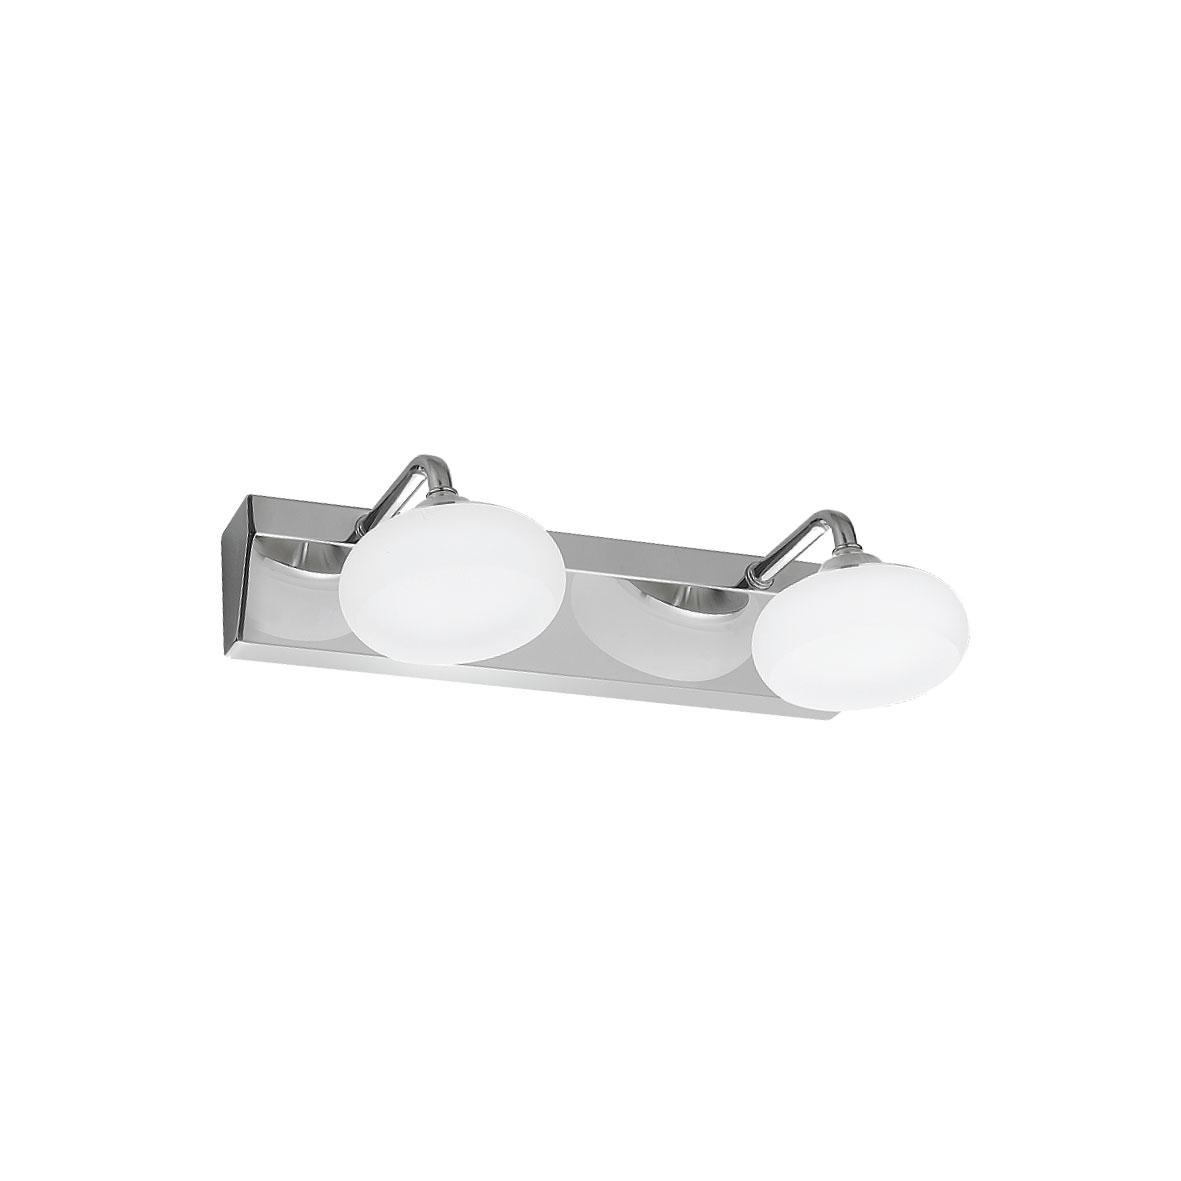 چراغ بالا آیینه ایSH-548-2-6W